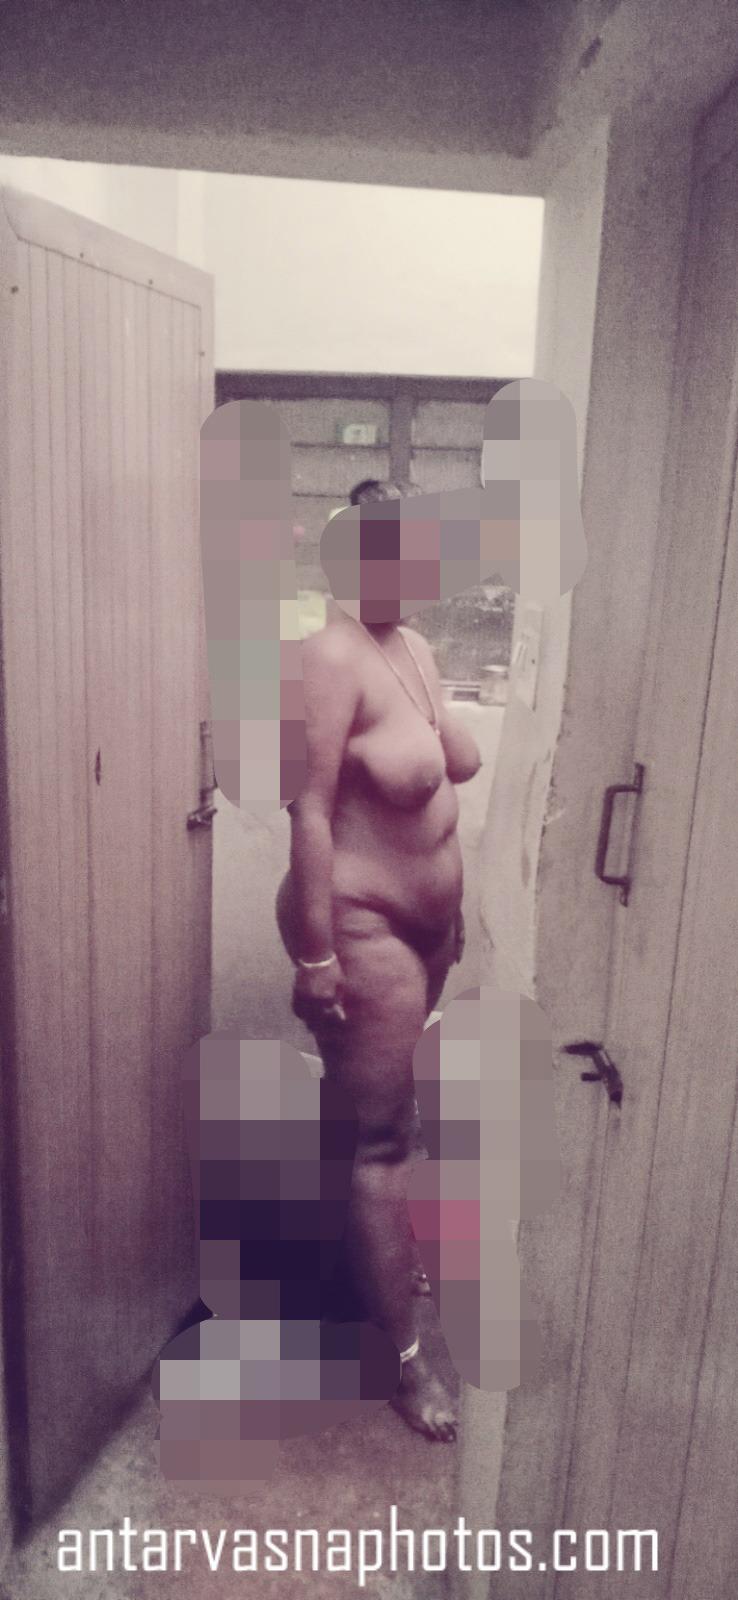 Sexy chachi ki photos